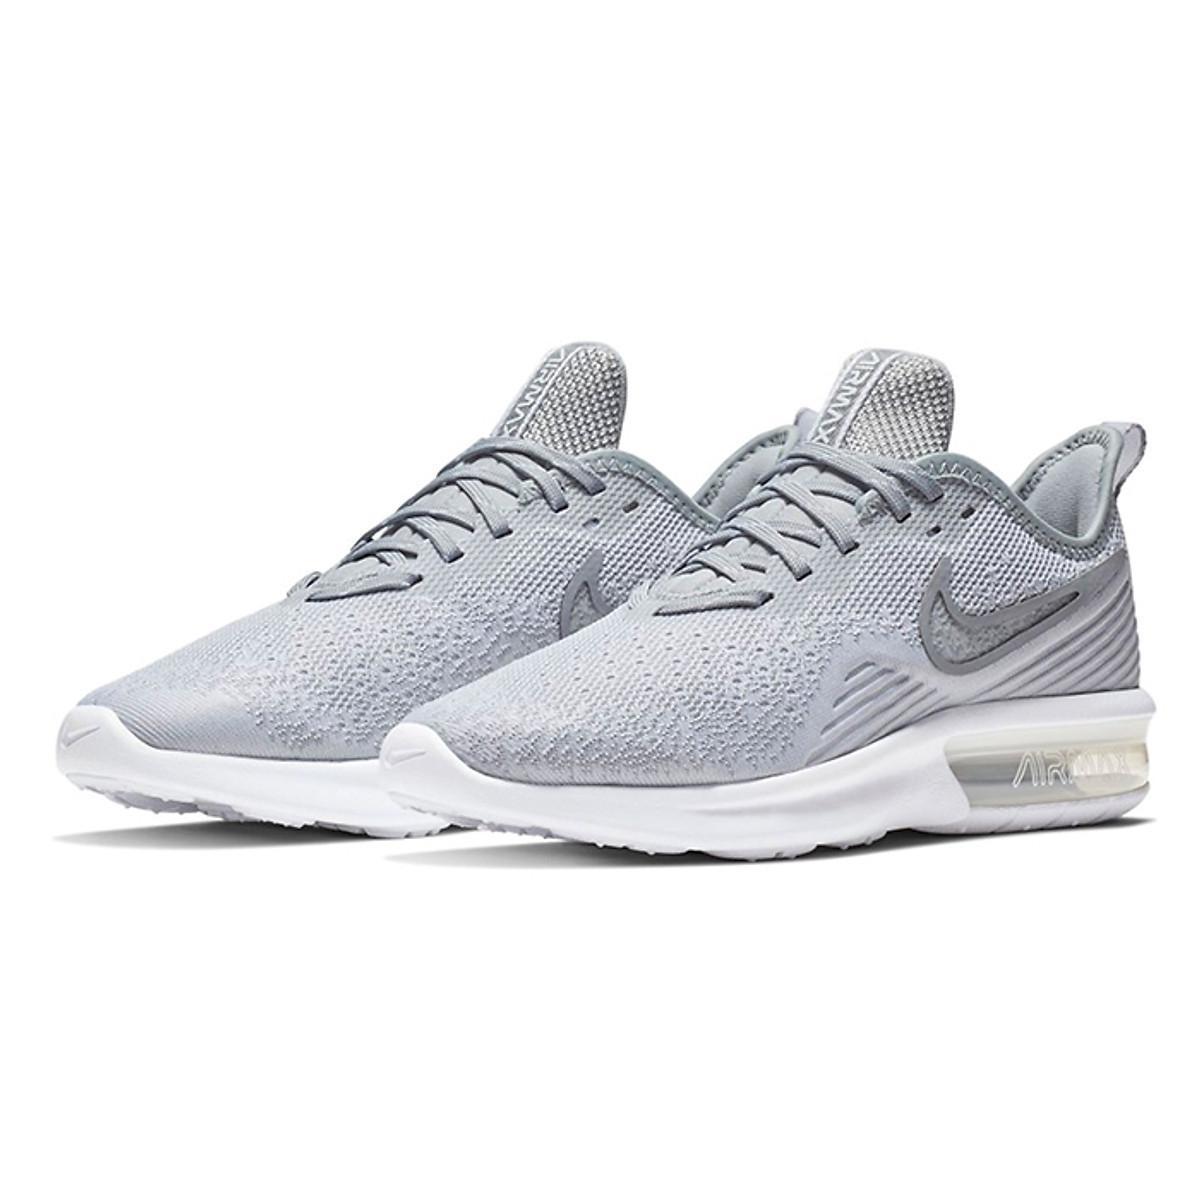 Đánh giá Giày Nike nữ Air Max Sequent 4